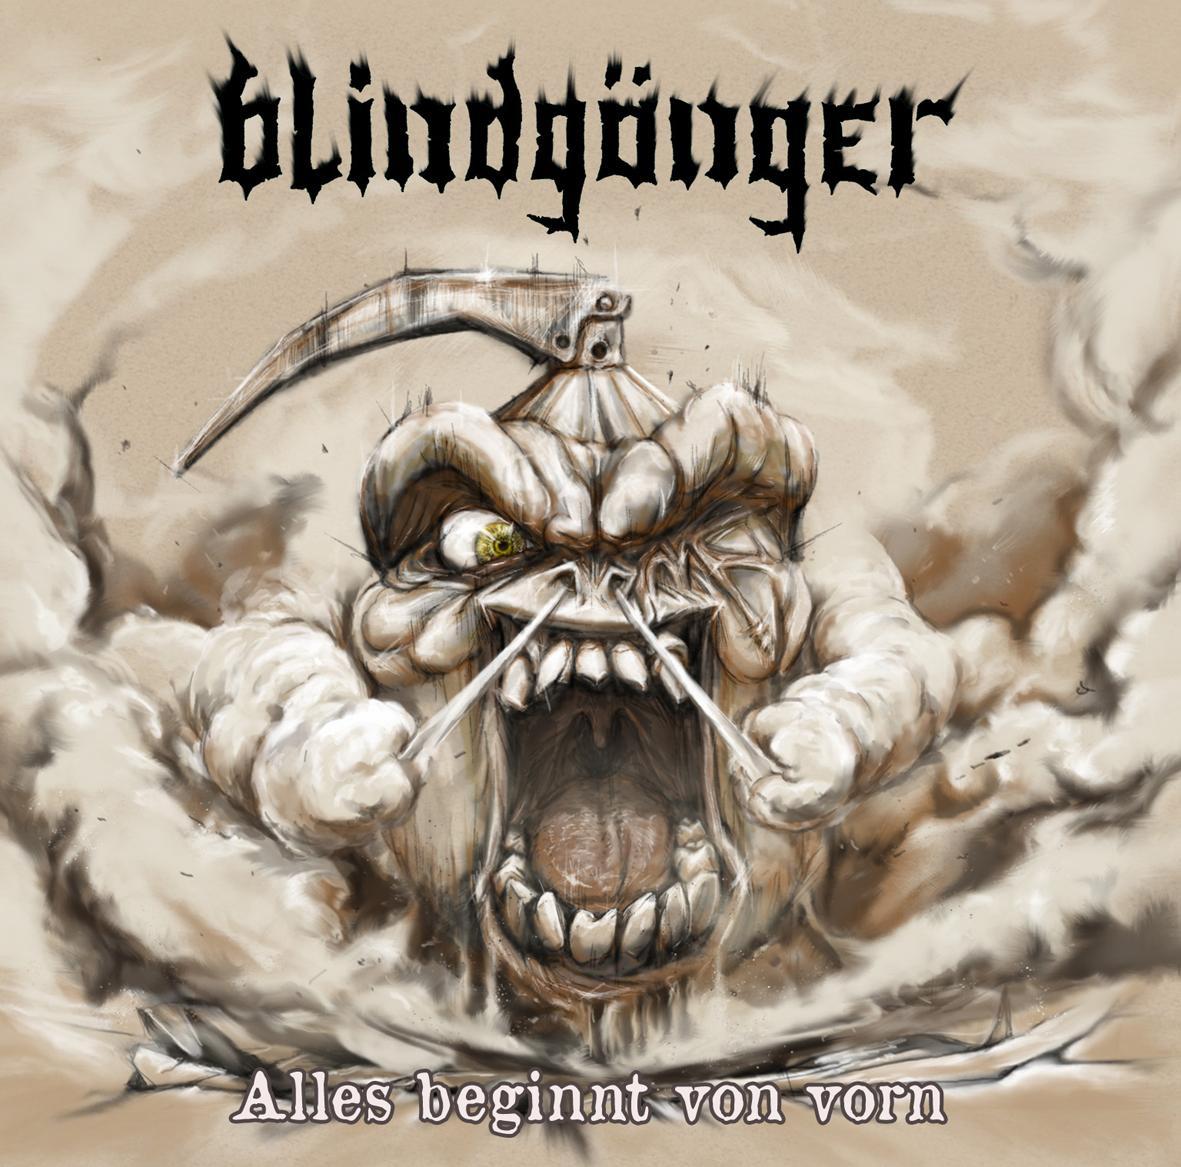 blindgaenger-alles-beginnt-von-vorn-ein-album-review